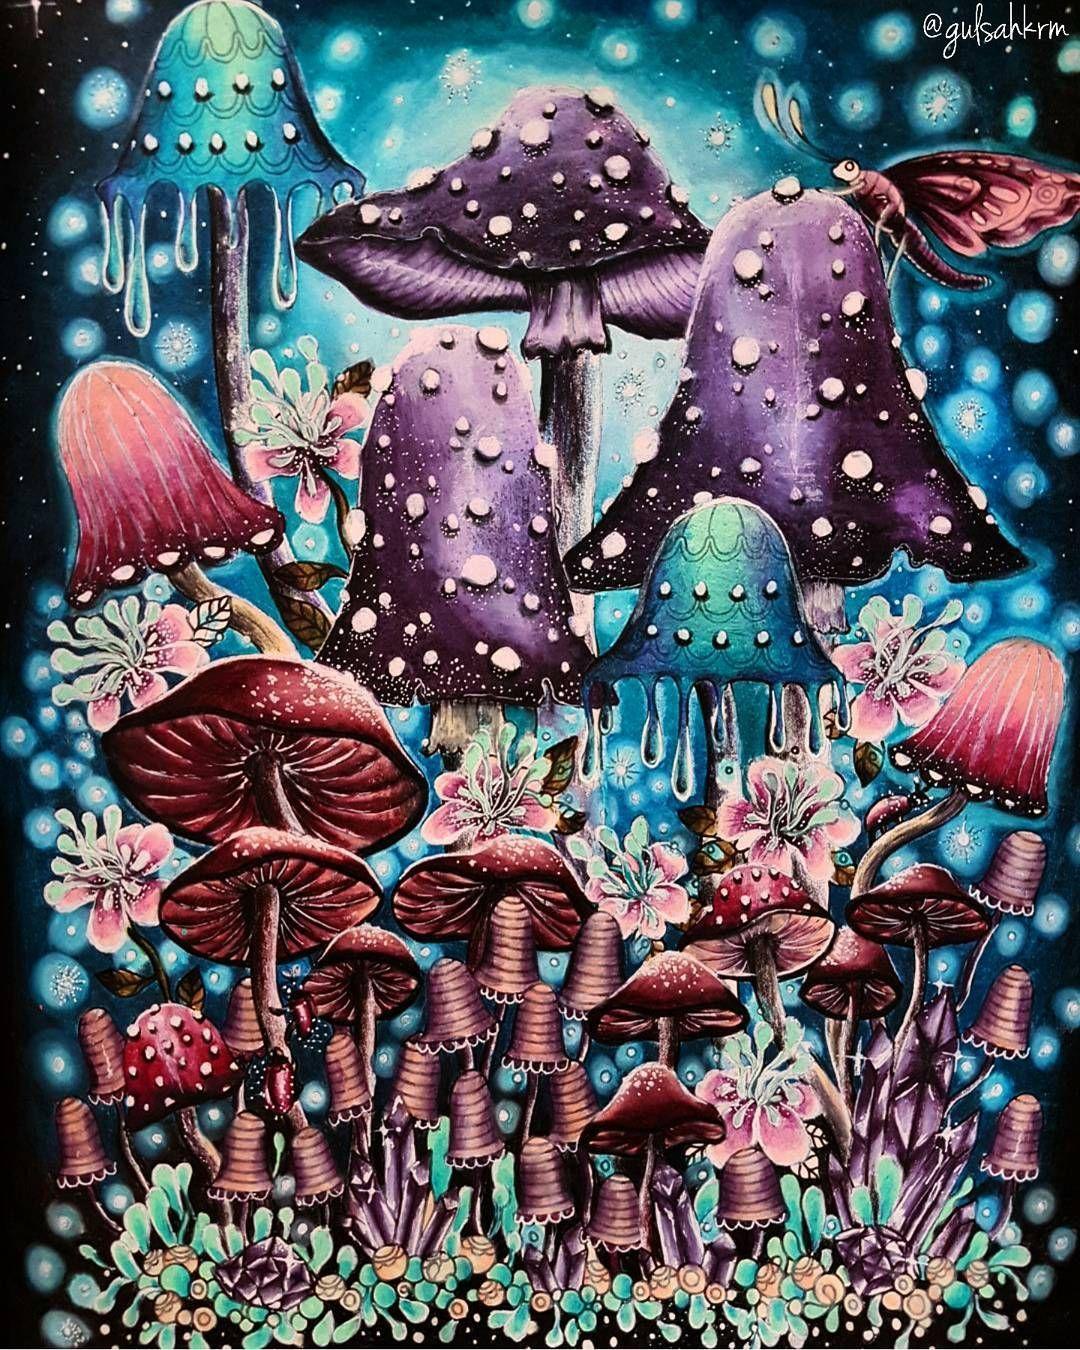 Pin de Rigatoni Neobux en Coloring books | Pinterest | Bosque ...